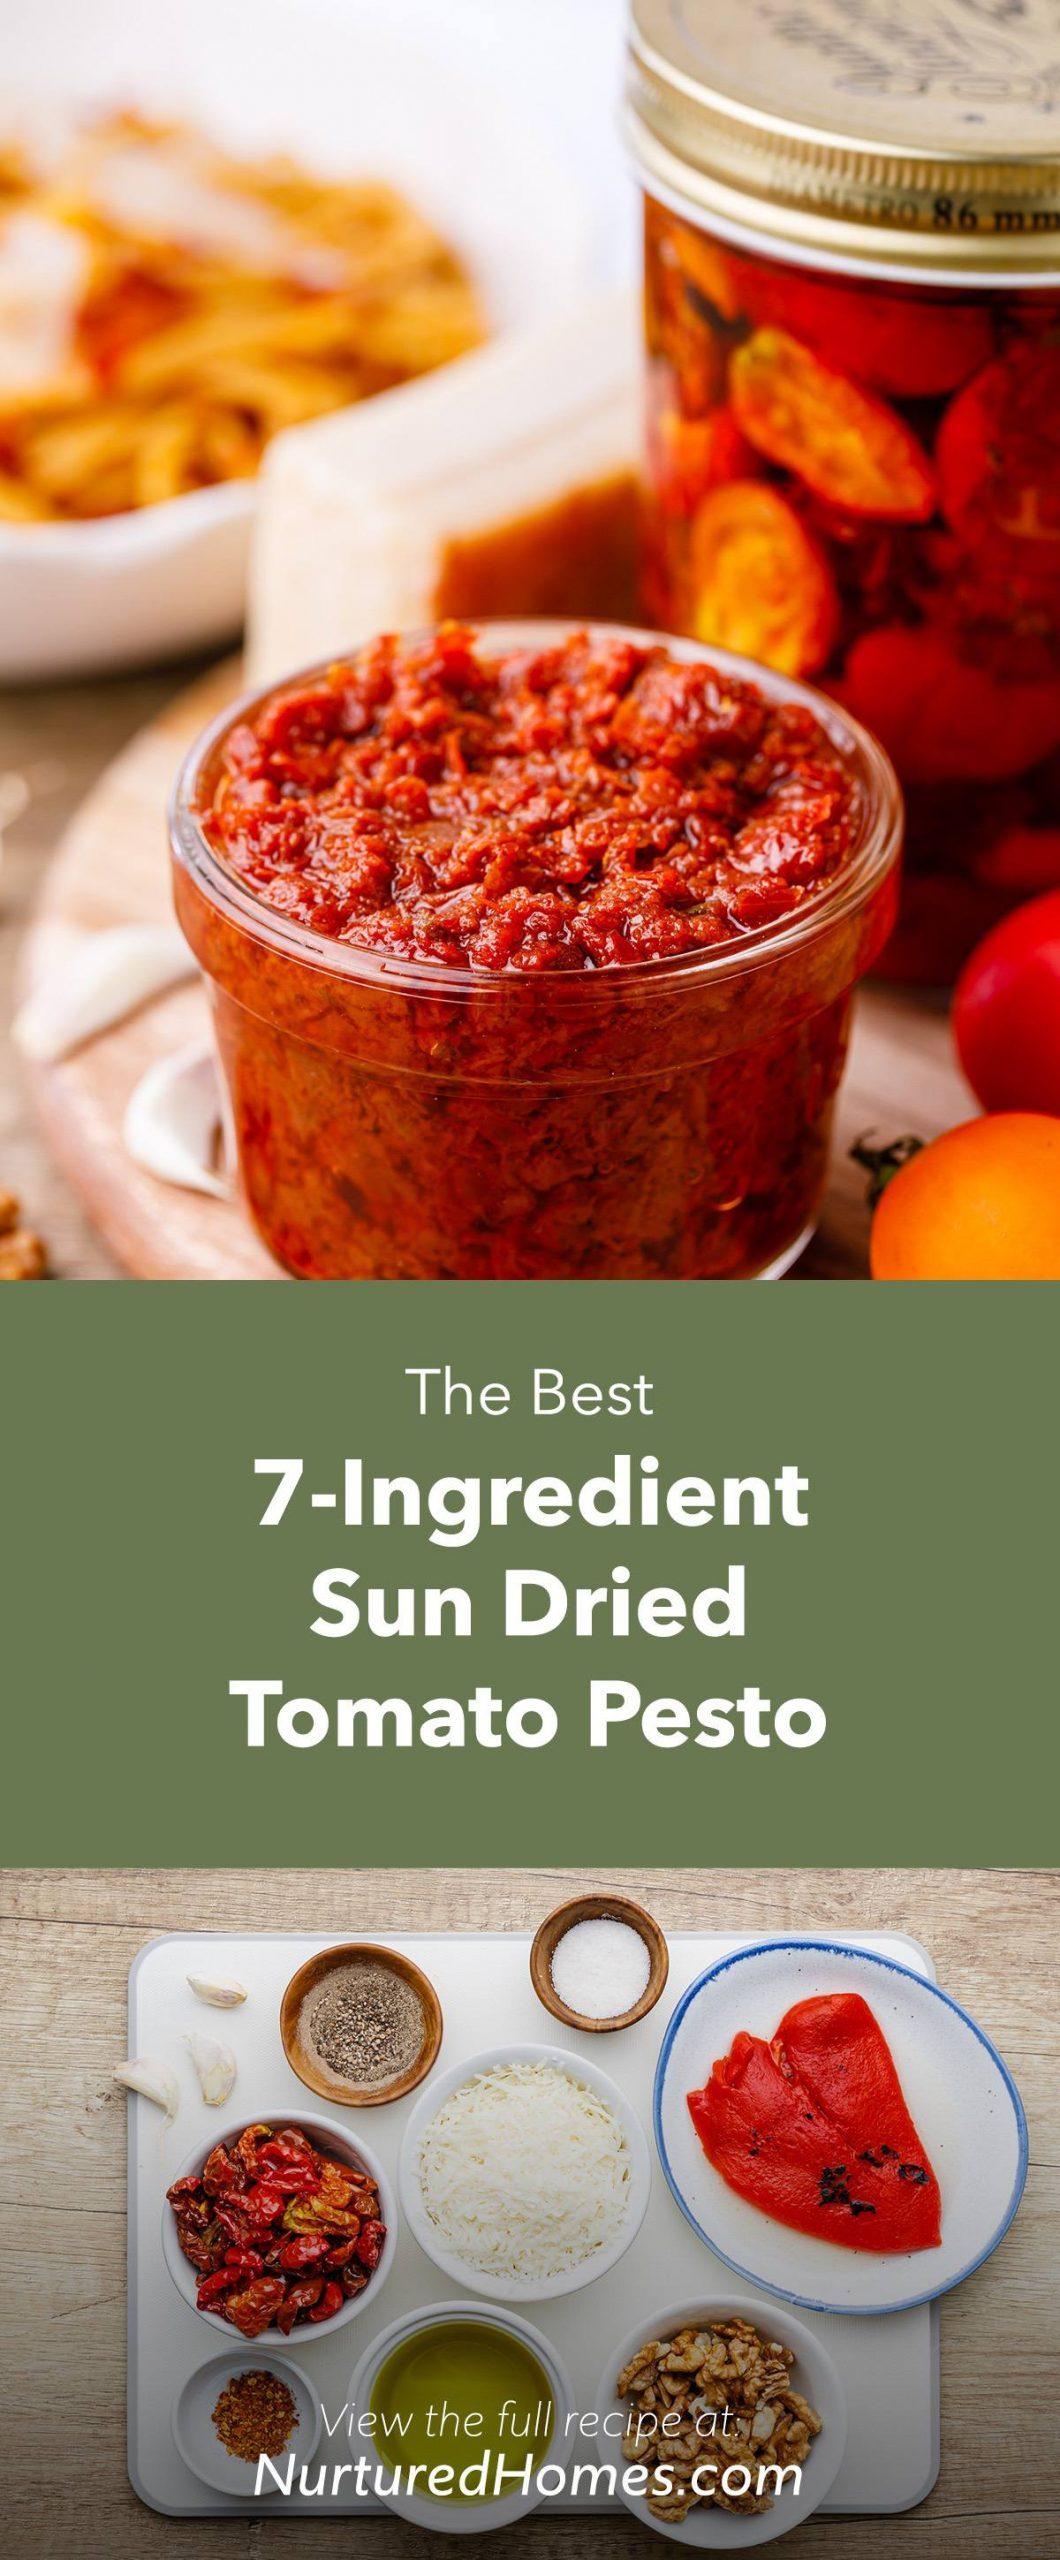 7-Ingredient Sun Dried Tomato Pesto